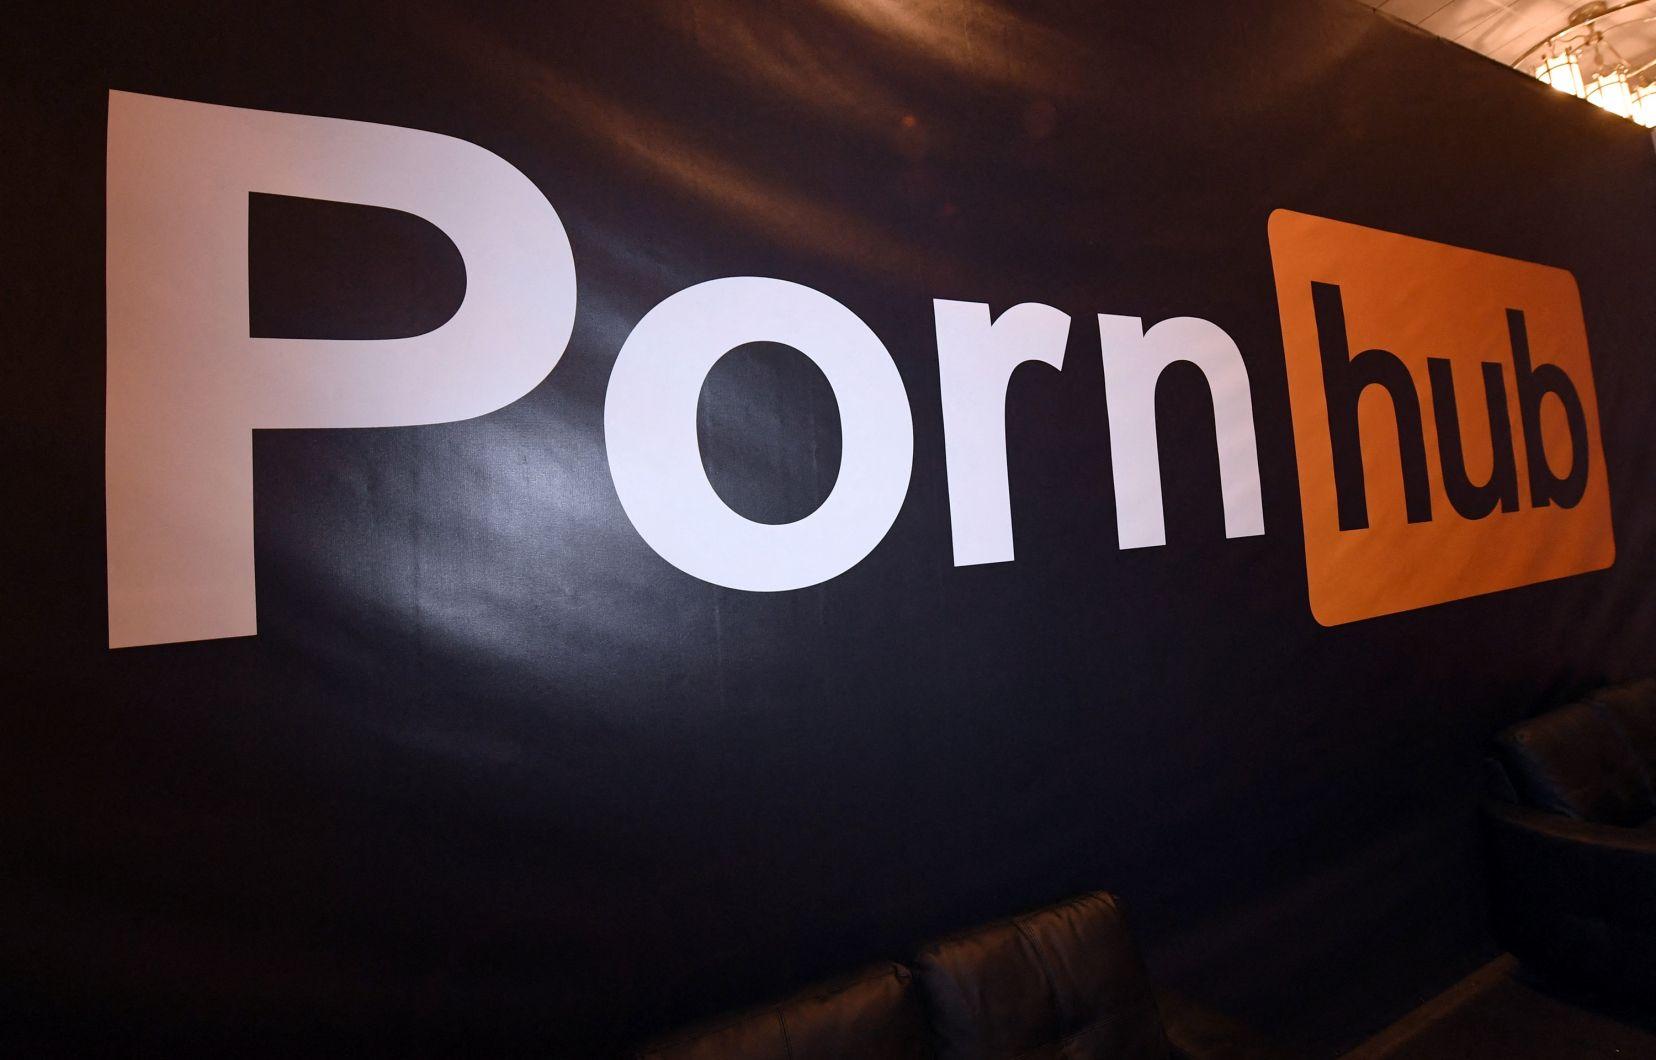 Pornhub : le Canada pointé du doigt par les ONG  2d14a285-bc26-d484-6ed5-eed87778b6d2